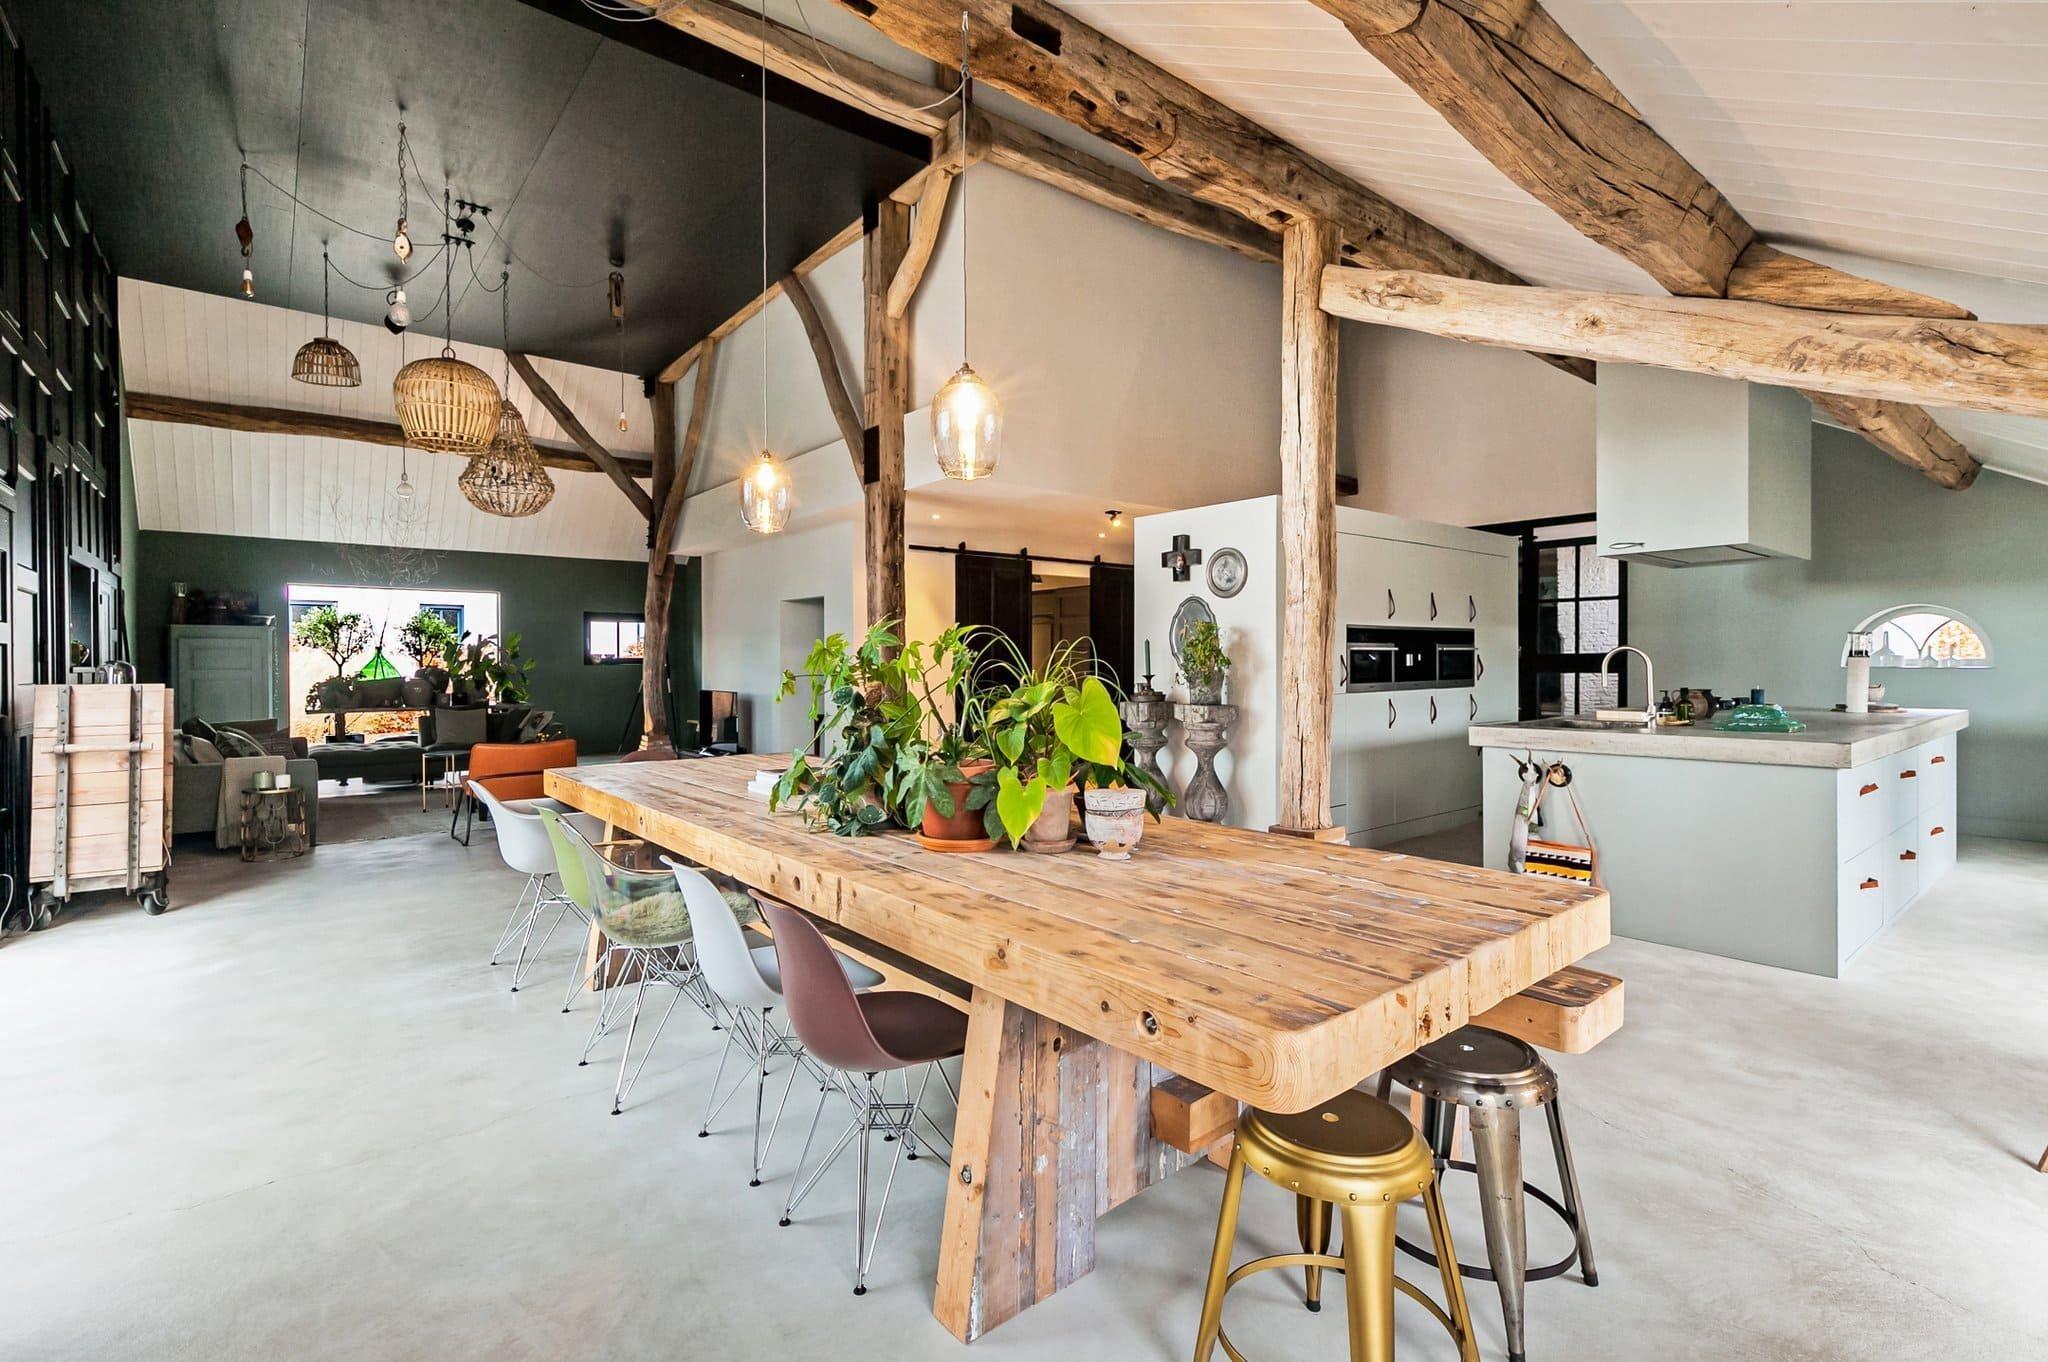 Statek v malé vesničce v Nizozemsku je oficiálně památkou z roku 1650, ale v roce 2012 byl již zcela zchátralý. Naštěstí někteří lidé viděli potenciál tohoto domu a rozhodli se ho koupit a zrekonstruovat. Statek je zjevně perfektní nemovitost, pokud máte rádi neforemnost a půdní prostory. Celá obytná část v jednom velkém  a otevřeném prostoru vyniká betonovými podlahami, moderním designem a vintage rustikální výzdobou.